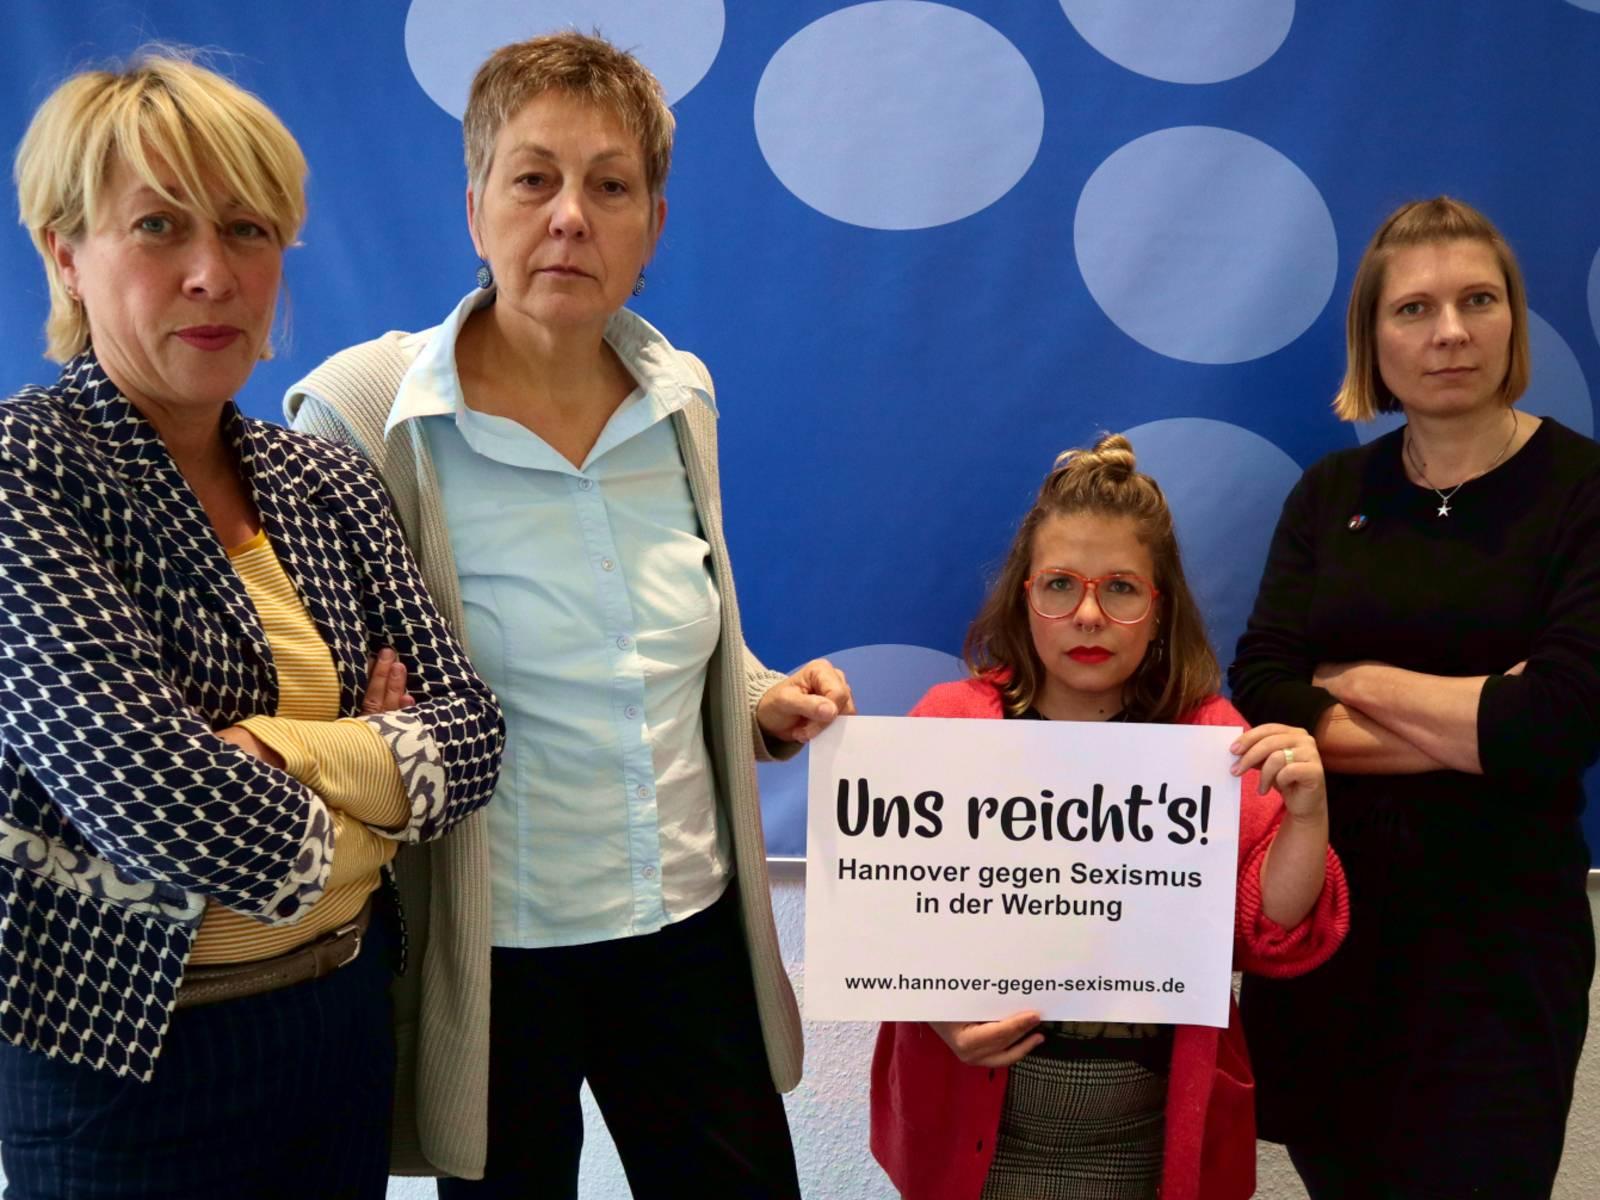 Vier Frauen stehen für ein Bild beisammen.